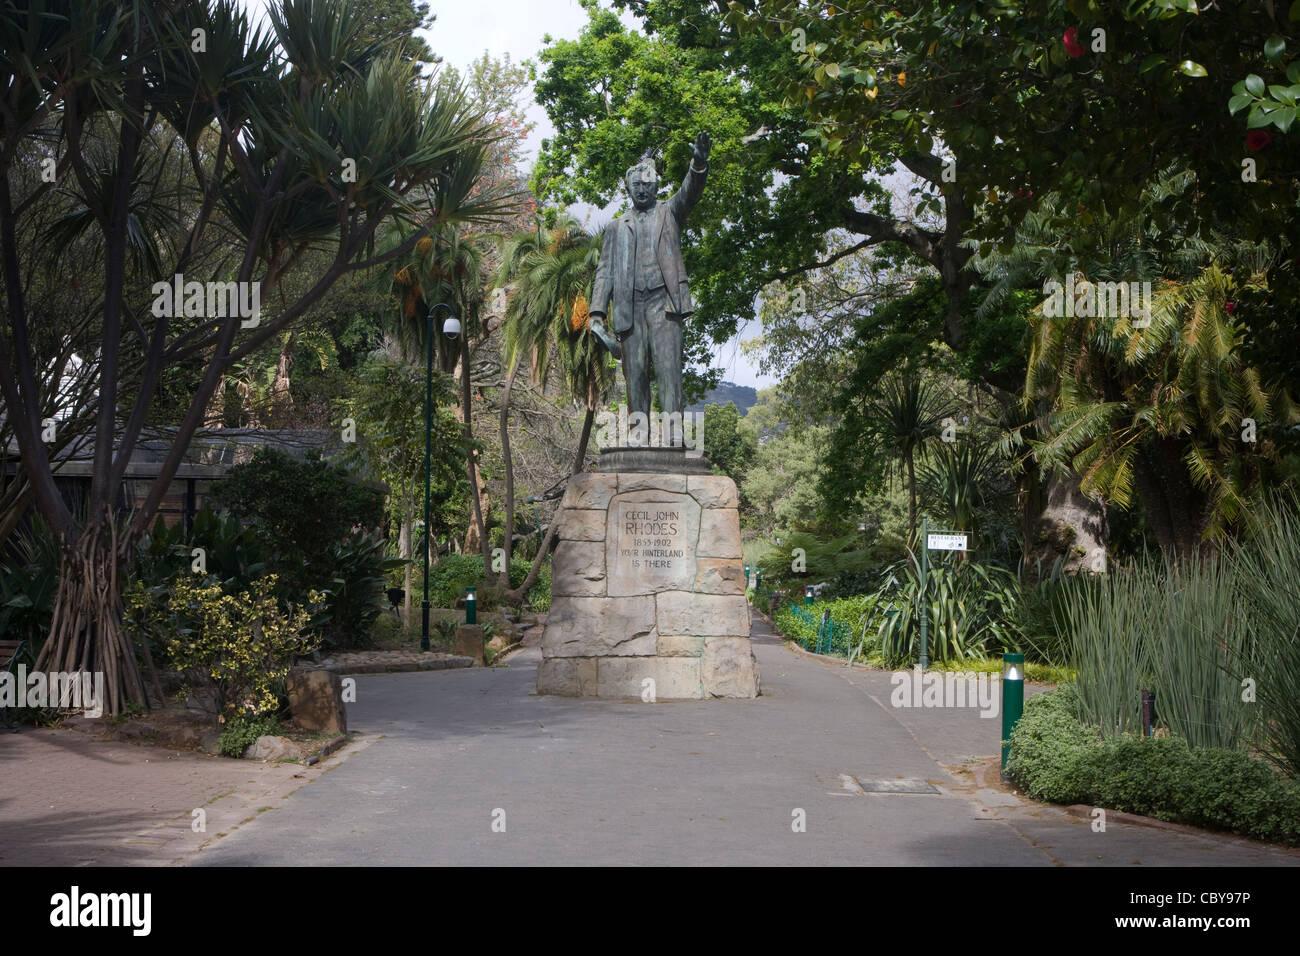 Cape Town: Company's Garden - Cecil Rhodes statue - Stock Image